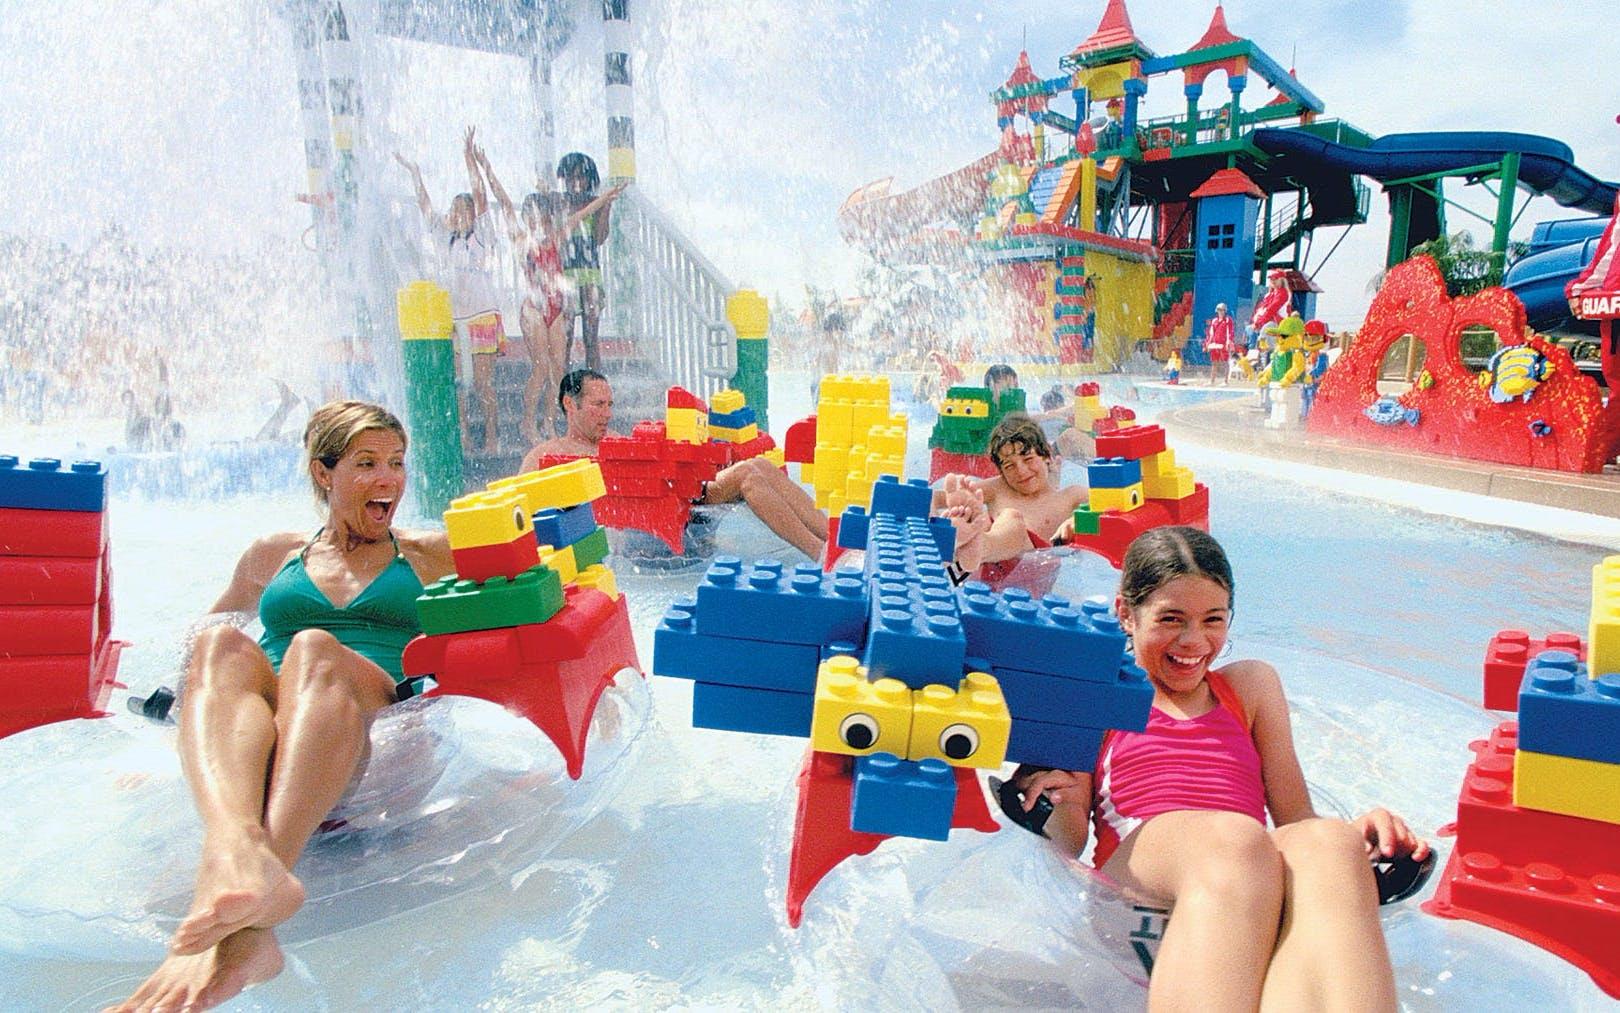 Dubai offers and deals - Legoland